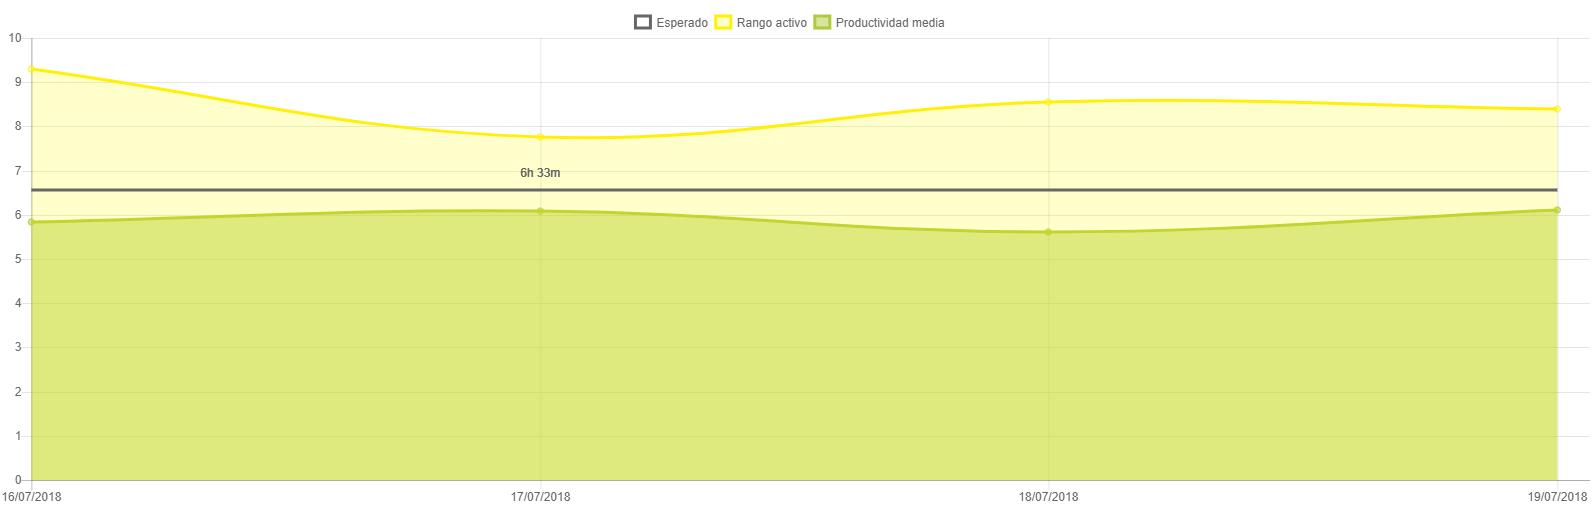 Gráfico Productividad vs Actividad